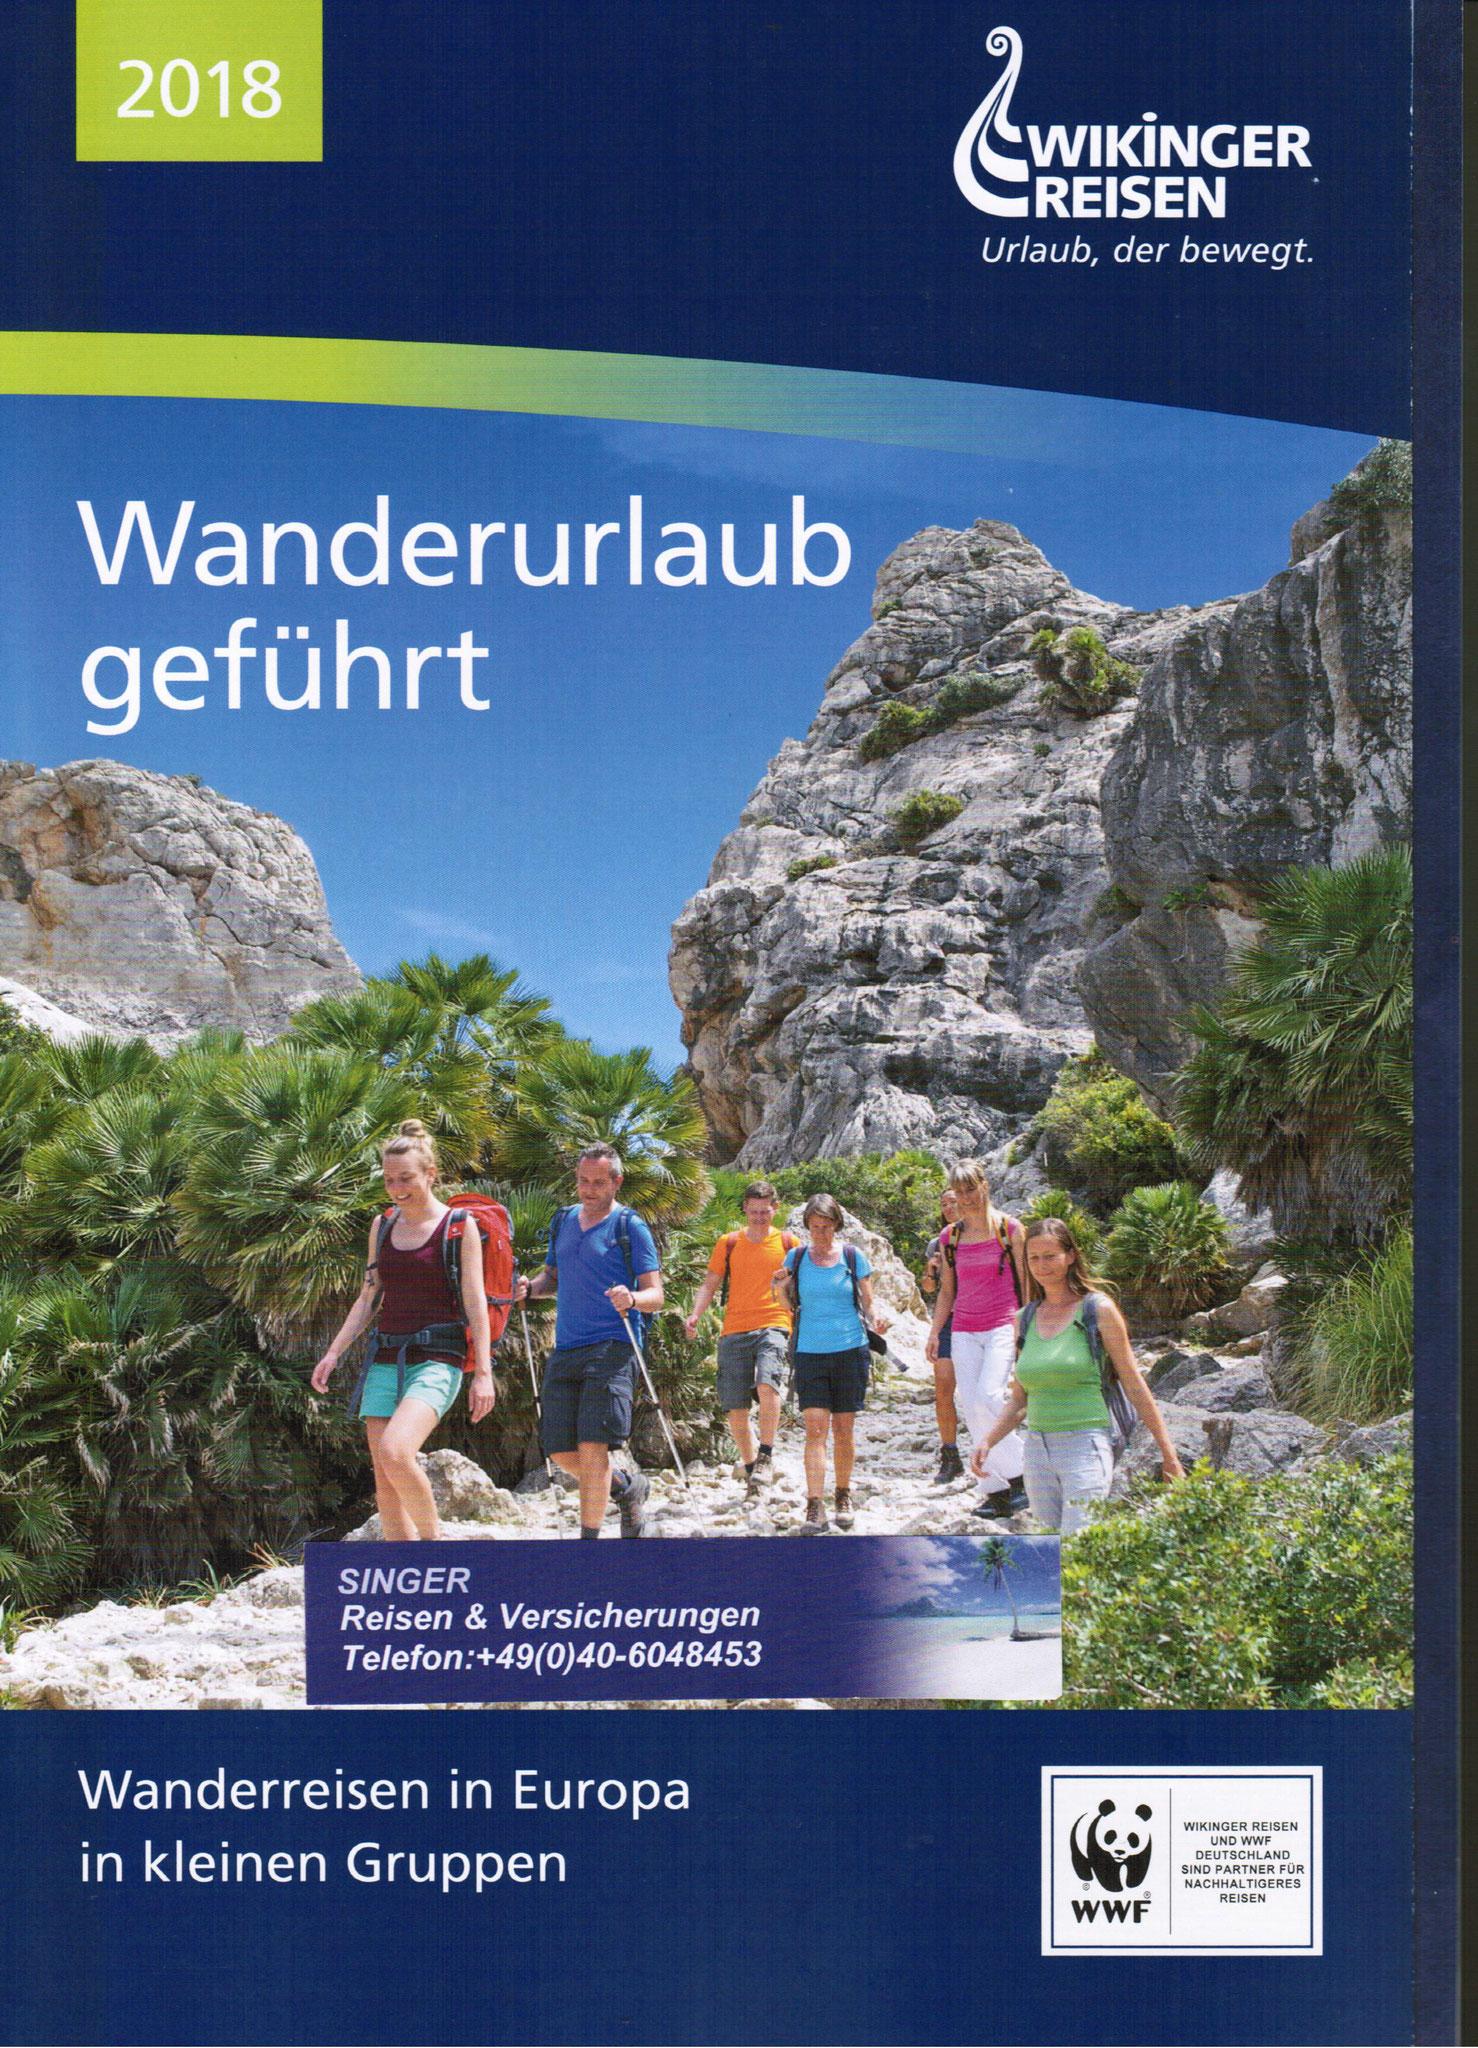 Wikinger Wanderurlaub geführte und Individuelle Touren